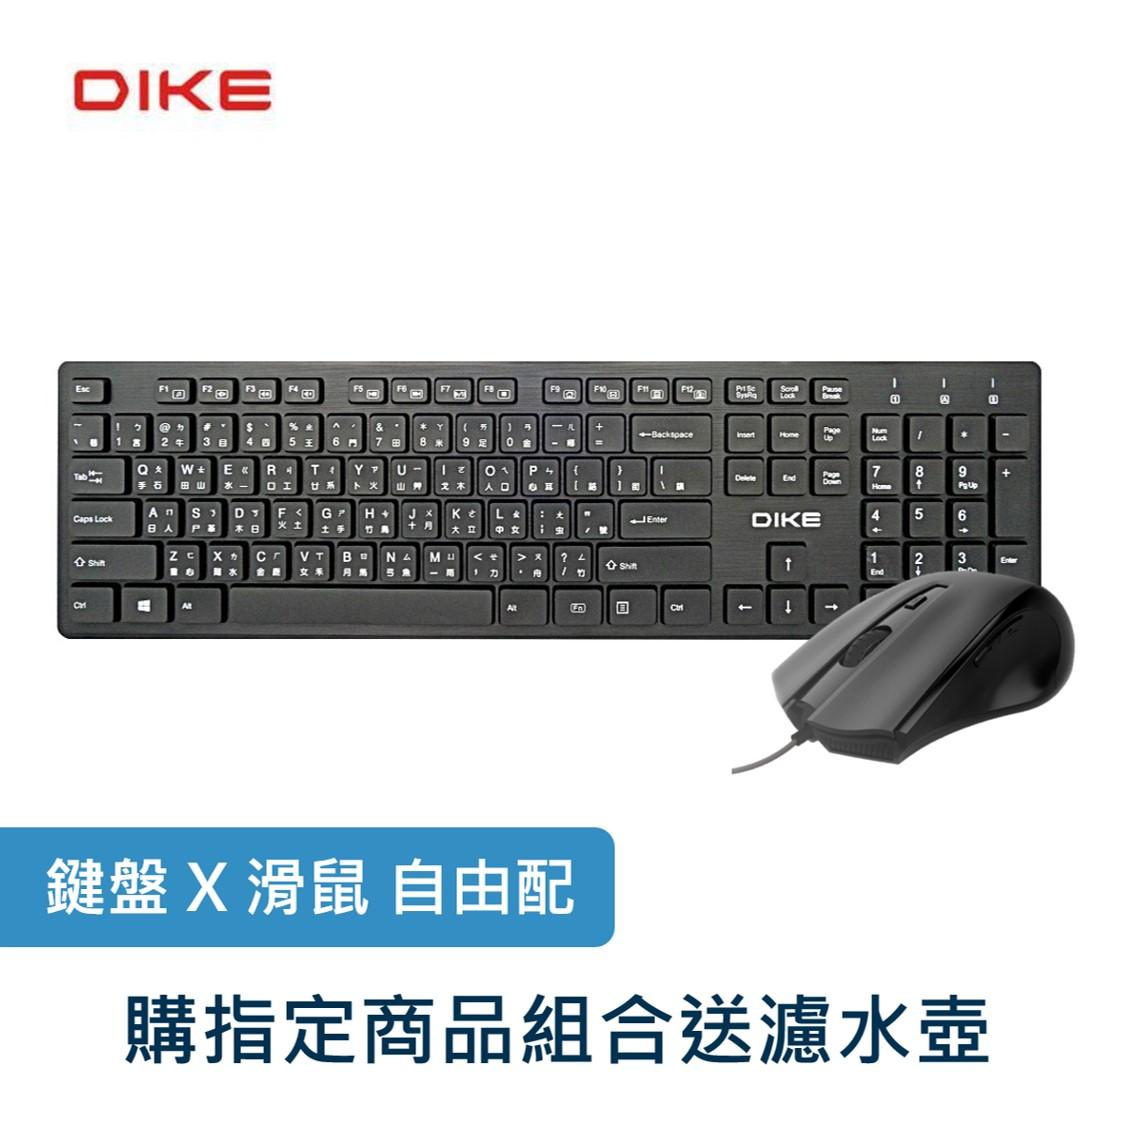 【超值組合】DIKE DK300 輕薄巧克力薄膜式鍵盤 黑 + DIKE DM230 Master DPI可調有線滑鼠-黑